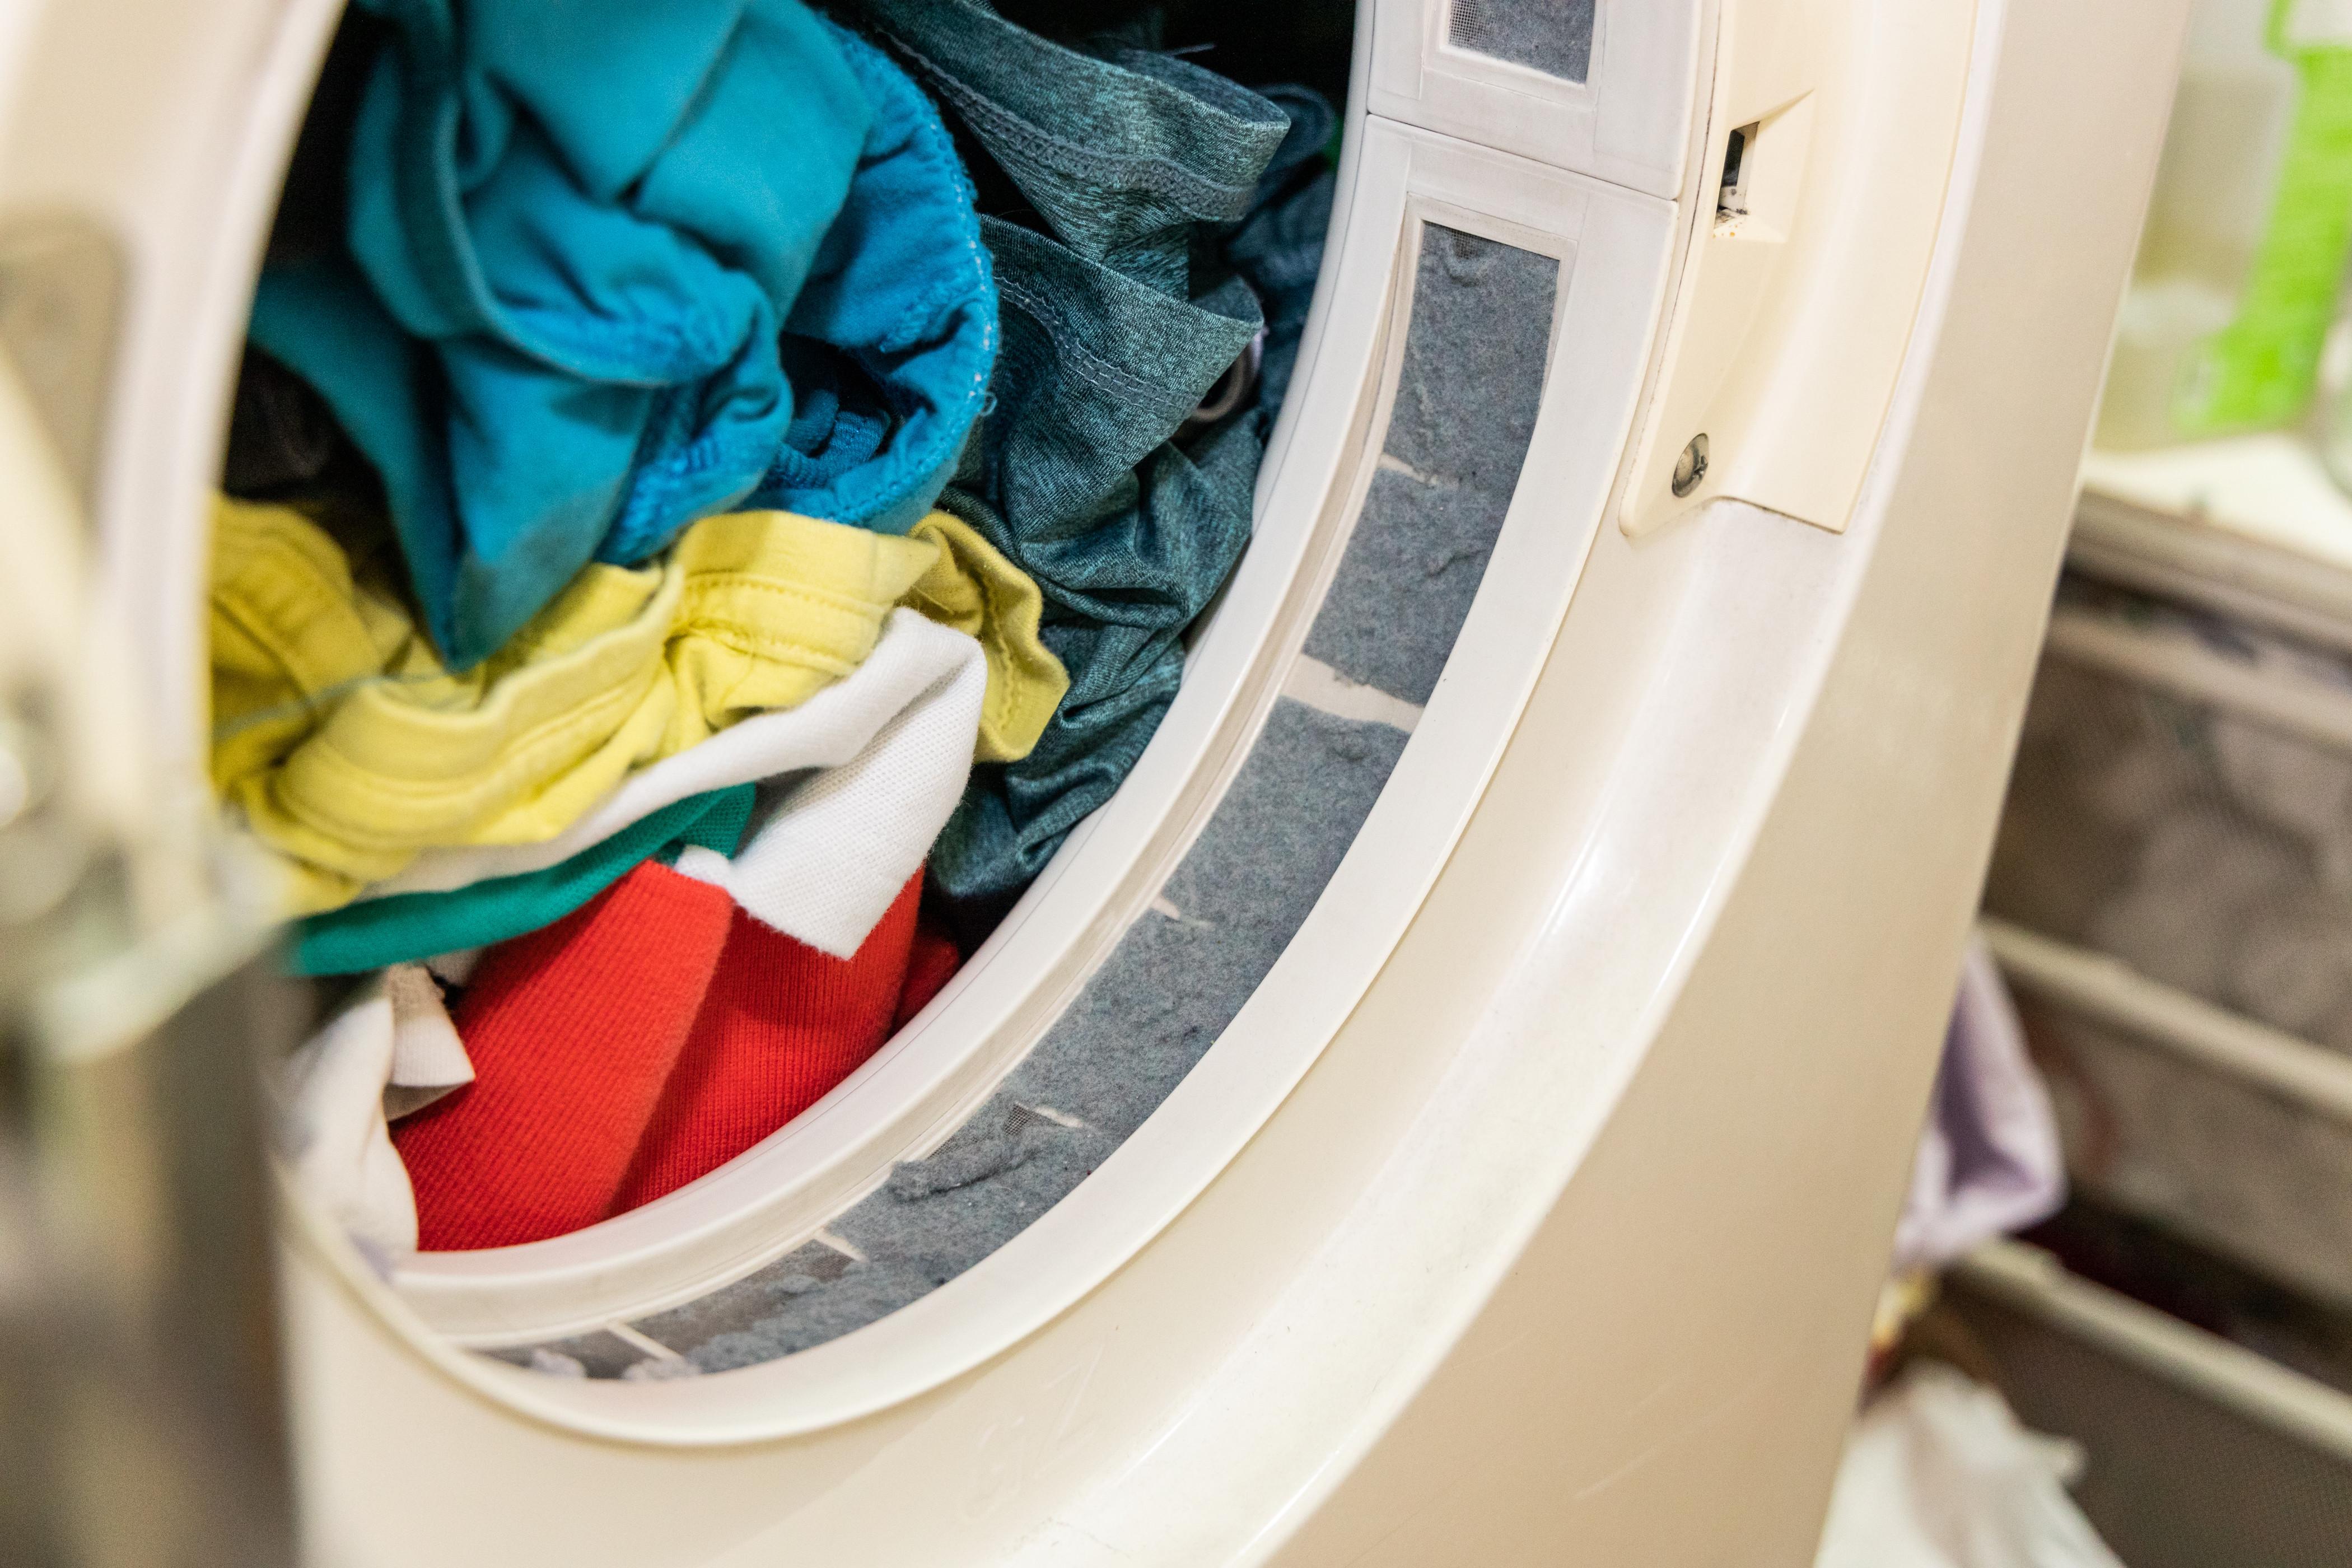 海洋汚染の元凶であるマイクロプラスチック。淡水に流れ出る6割が洗濯による糸くずであることが判明(米研究)